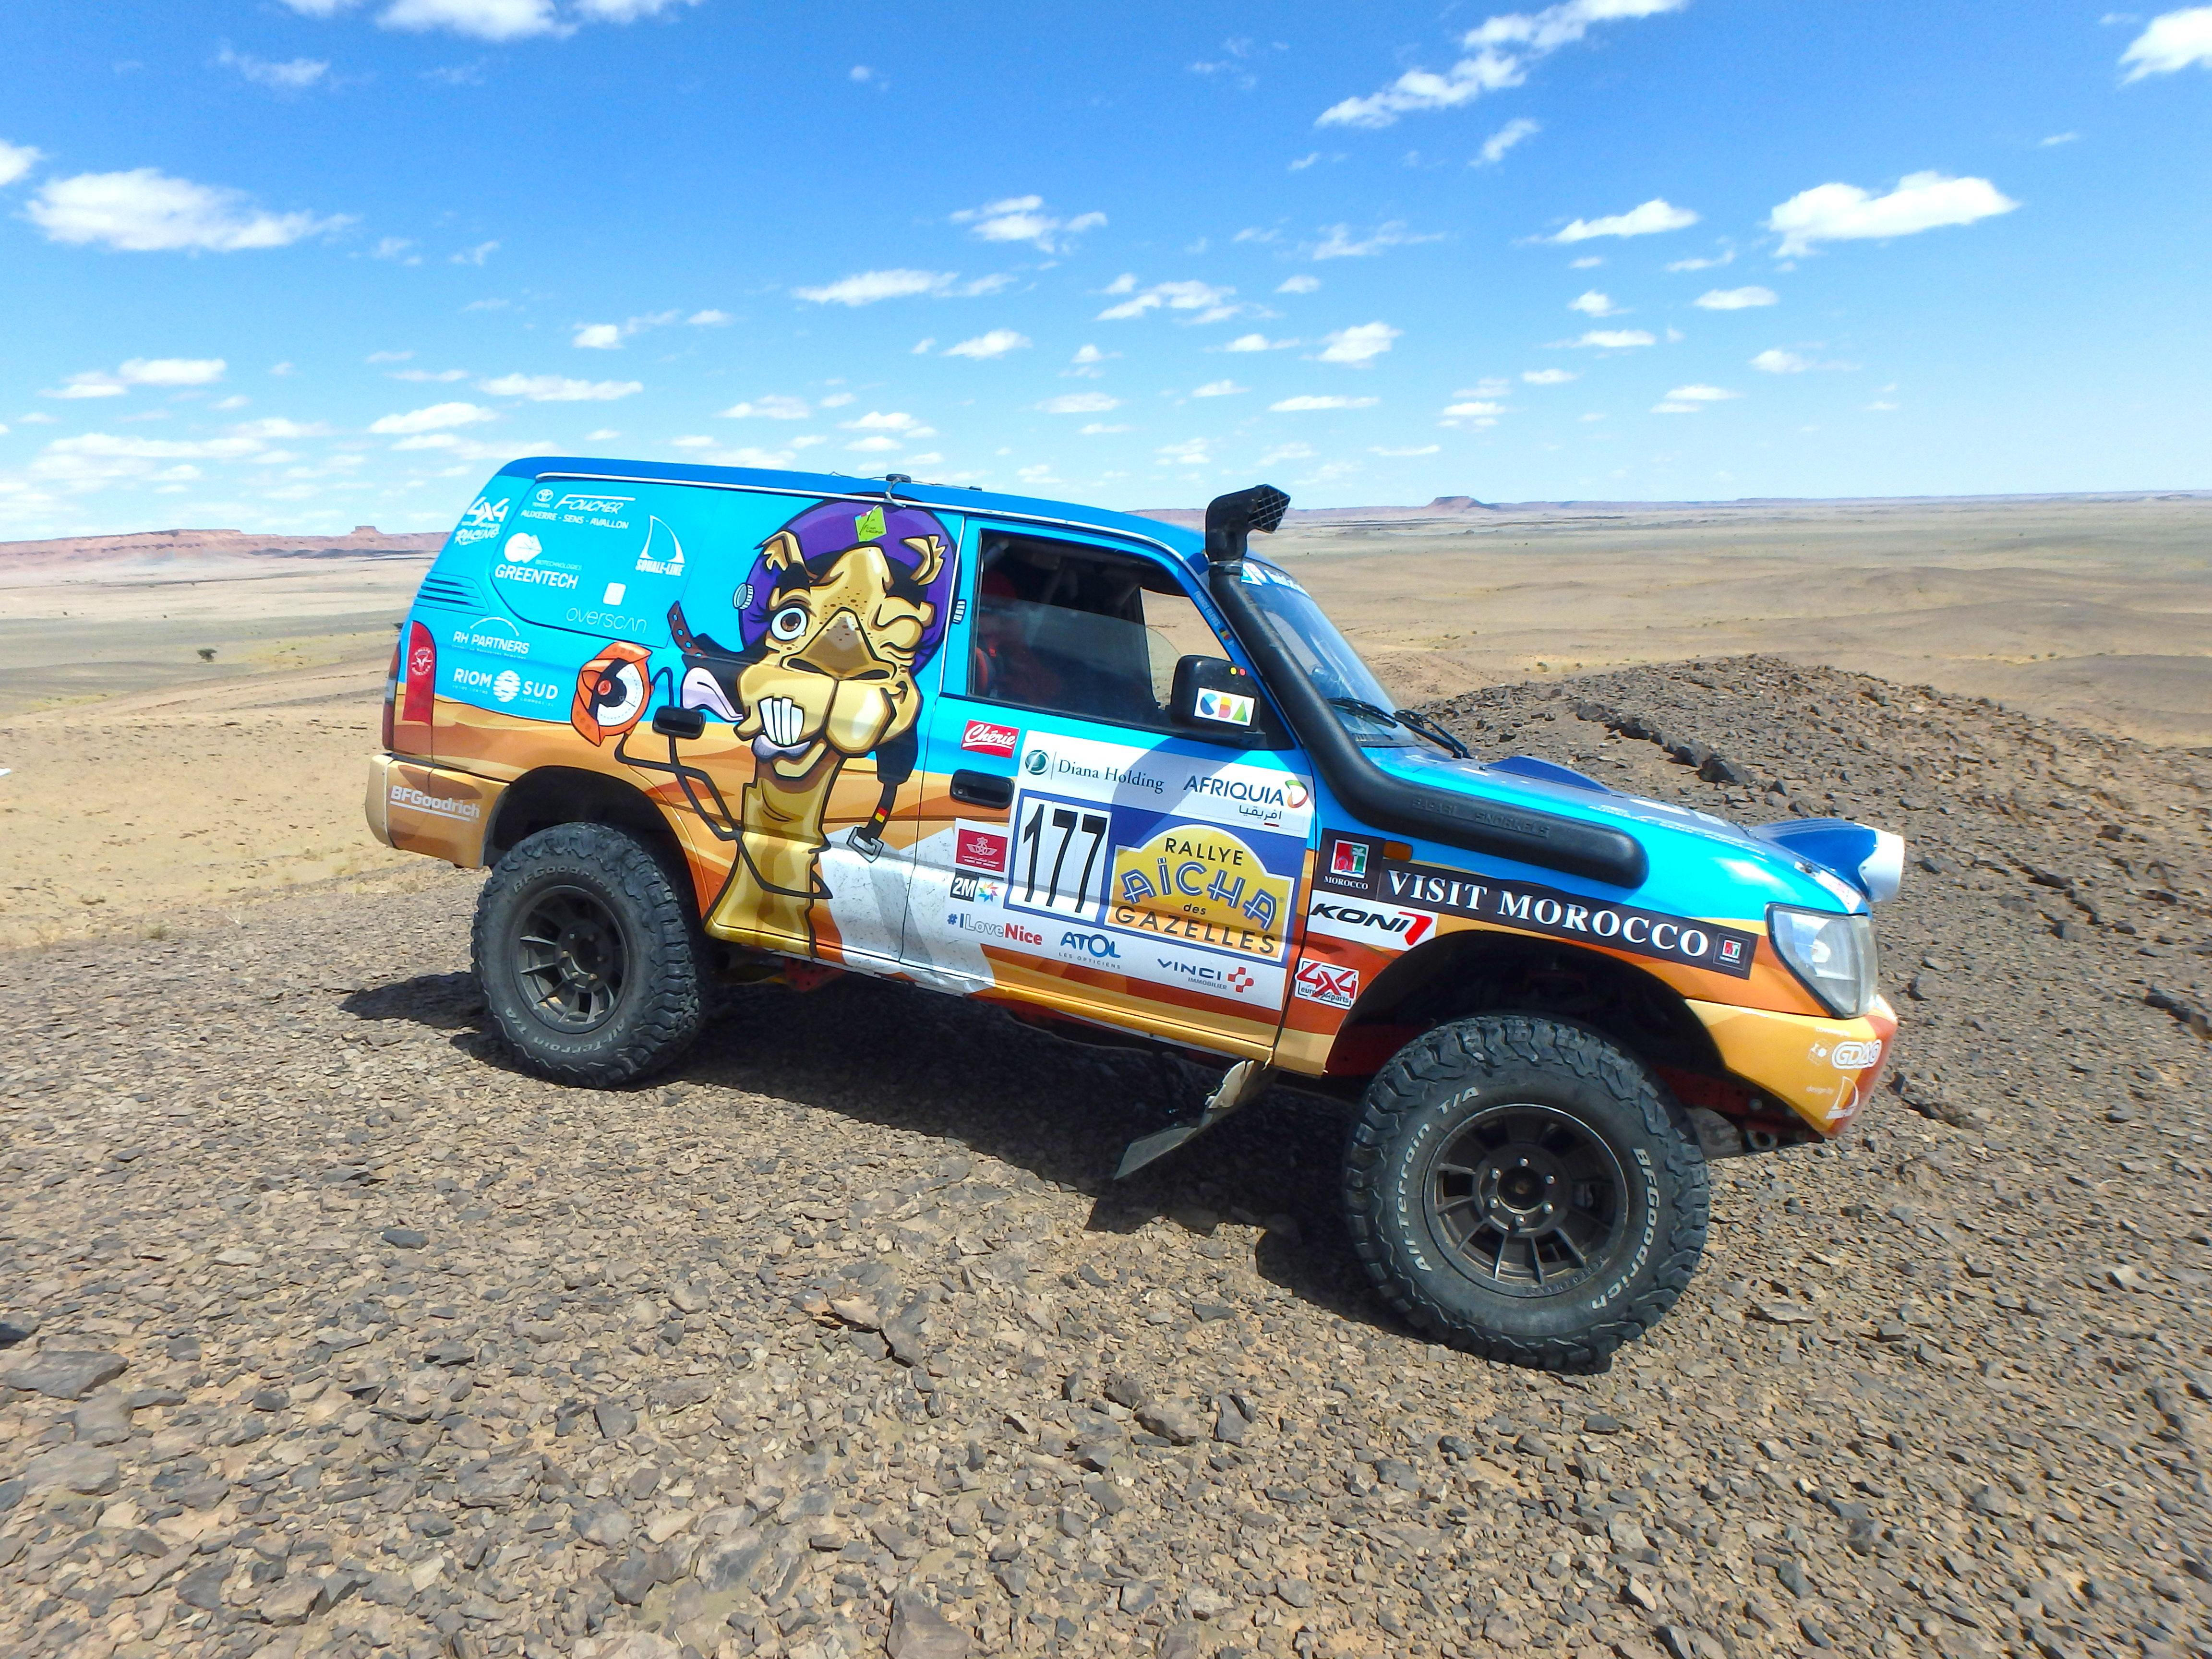 Rallye des Gazelles cap medina - 4X4